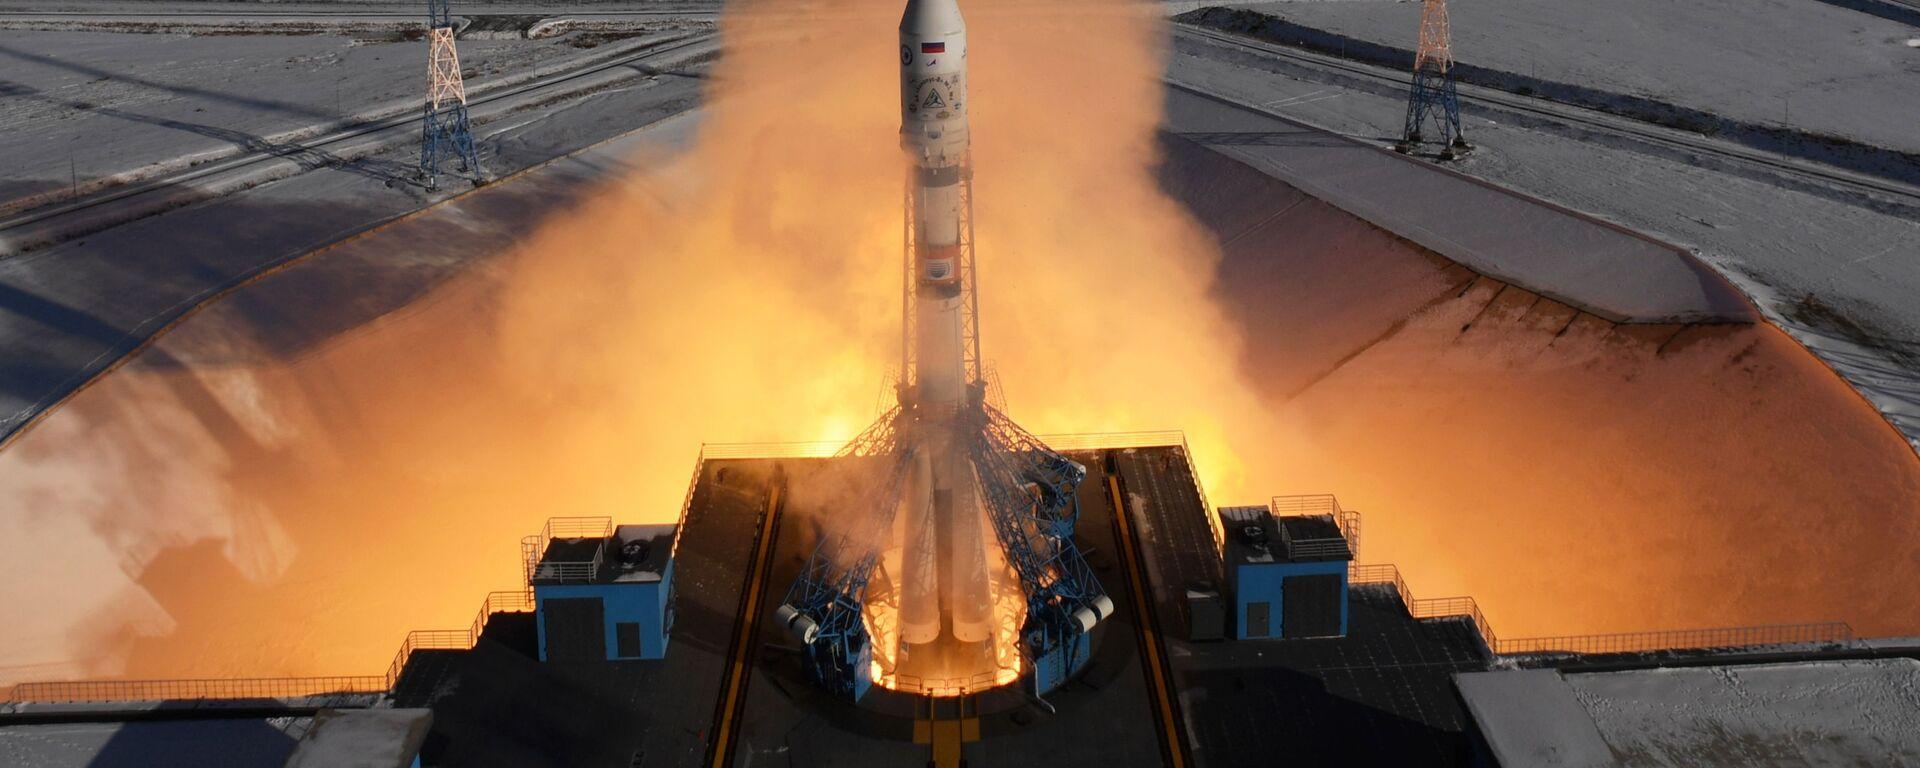 Старт ракеты-носителя Союз-2.1а с космическими аппаратами (КА) дистанционного зондирования Земли Канопус-В №3 и №4, и с 9 космическими коммерческими аппаратами с космодрома Восточный - Sputnik Ўзбекистон, 1920, 08.10.2021